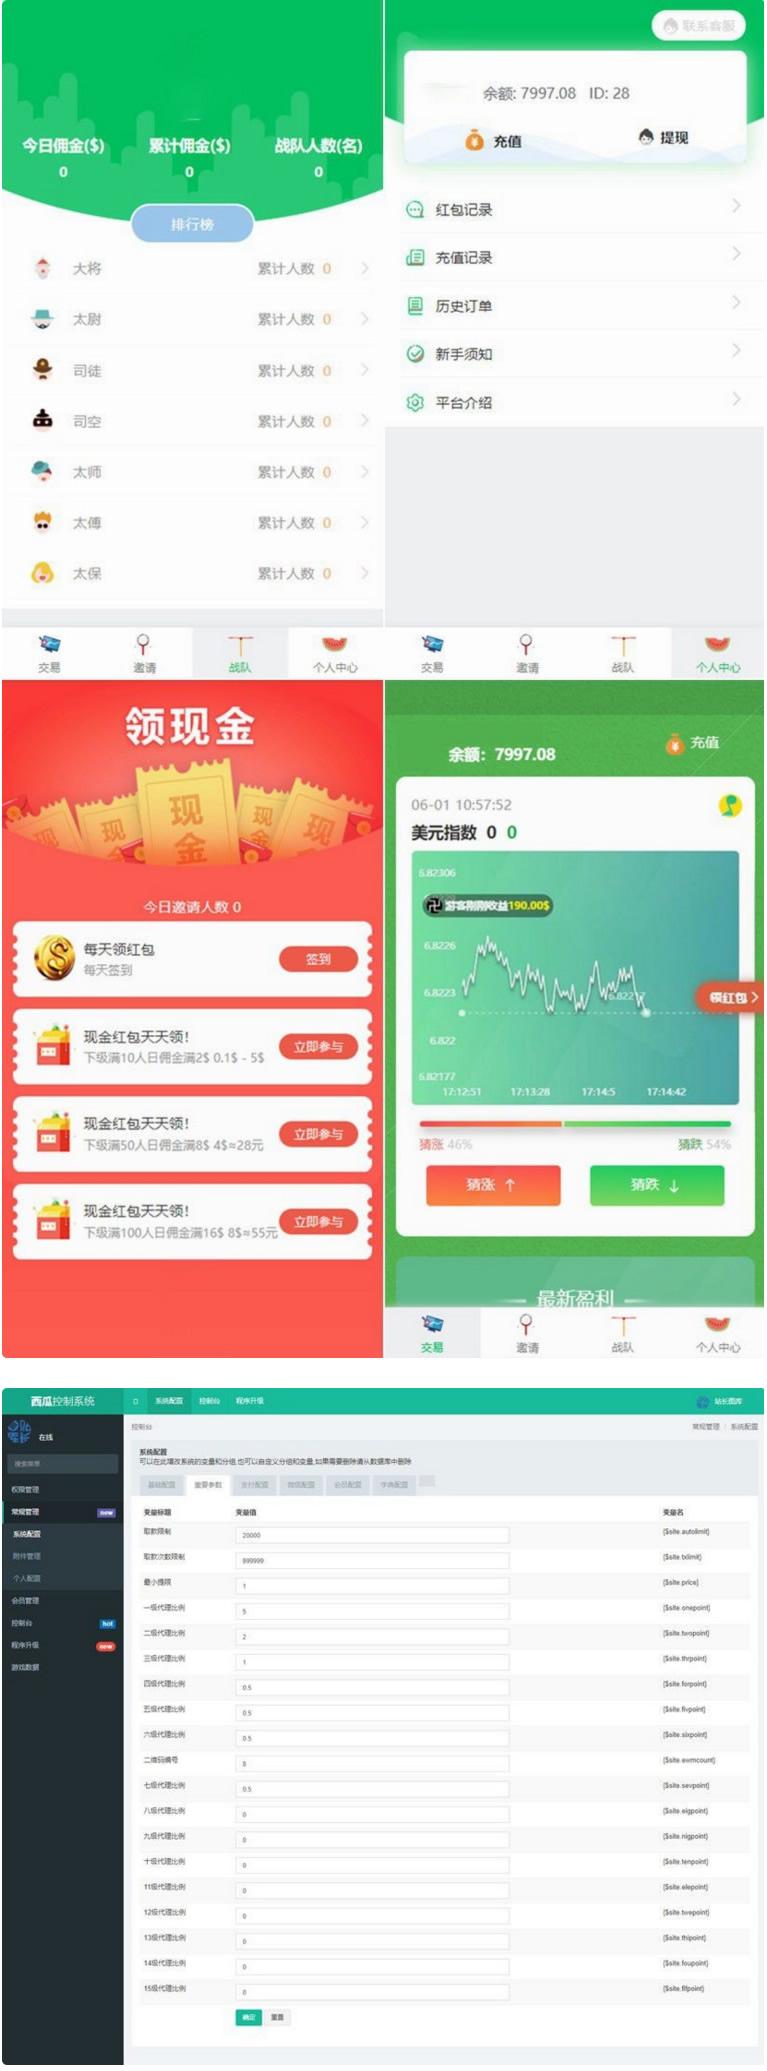 西瓜小清新币圈免公众号版+对接支付+推广K线正常完美源码 第1张